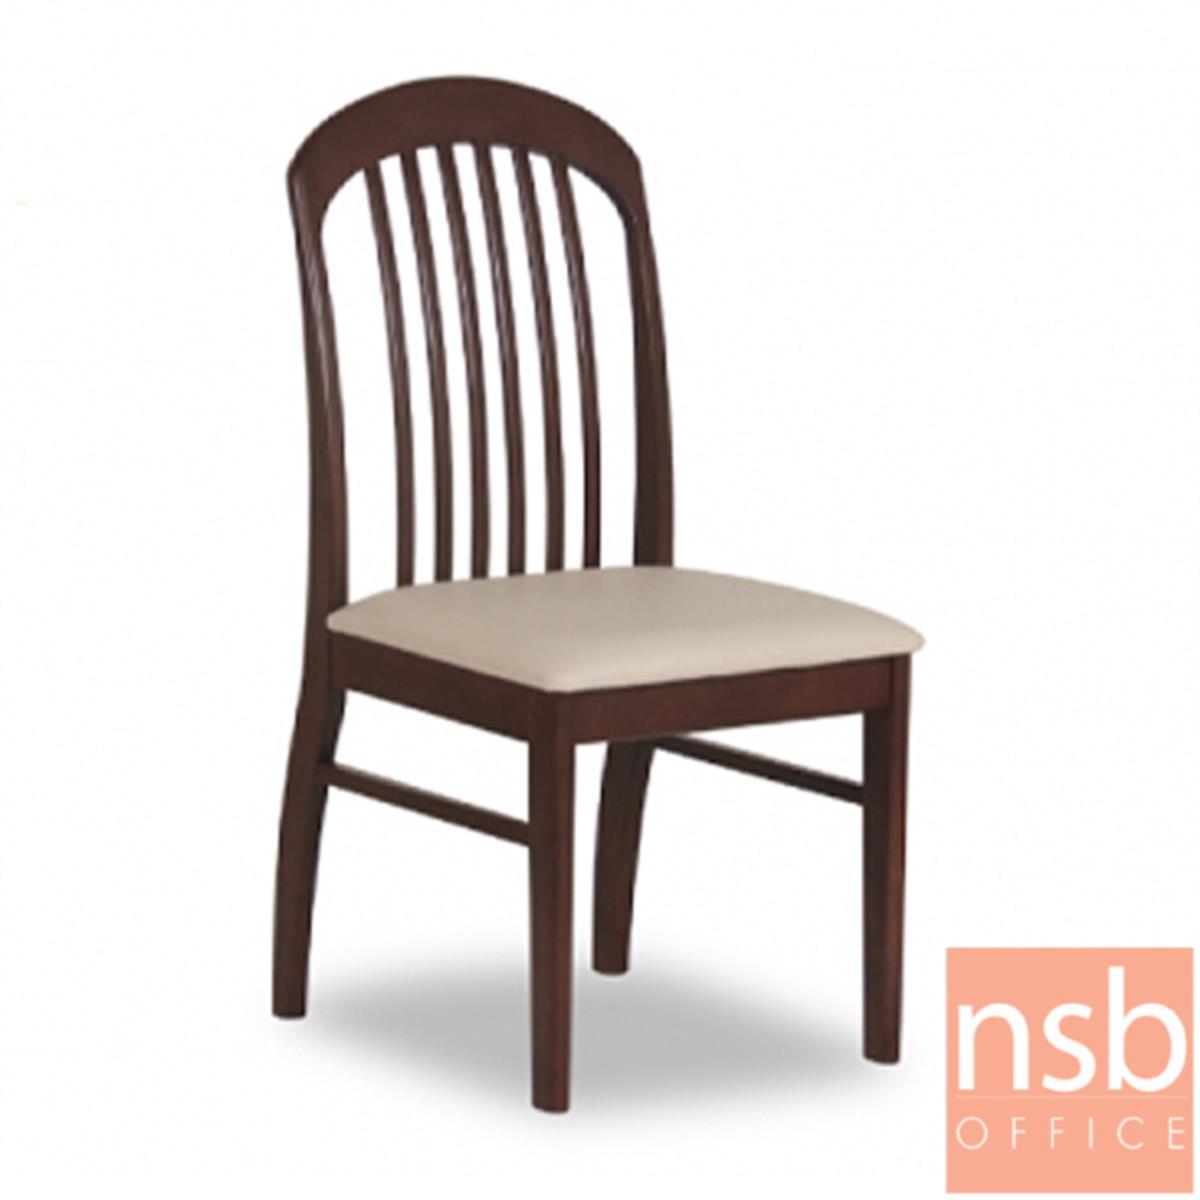 B22A139:เก้าอี้ไม้ที่นั่งหุ้มหนังเทียม รุ่น GD- SK ขาไม้